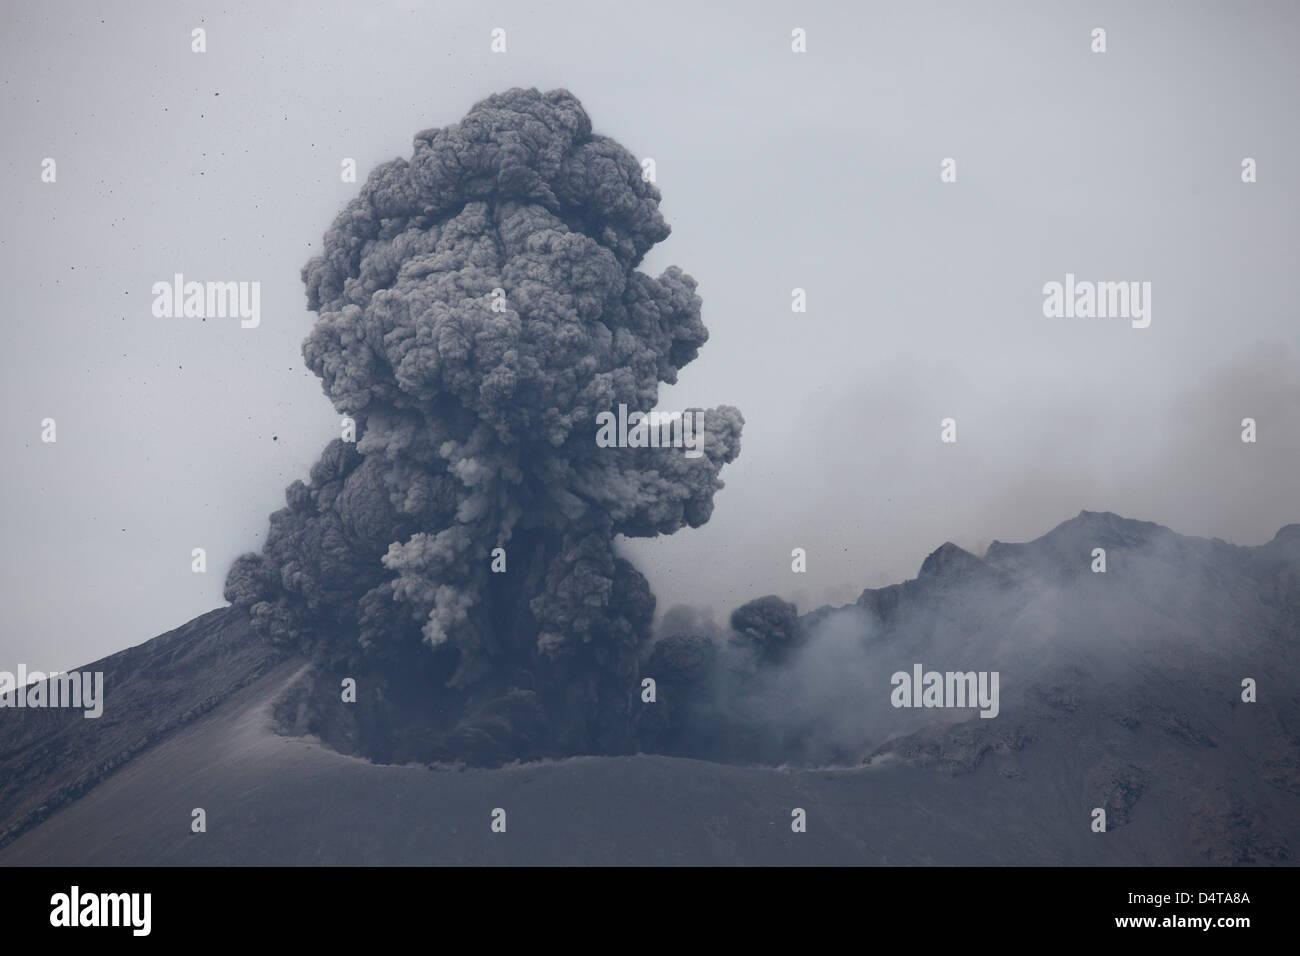 april 10 2012 sakurajima volcano erupting ash cloud rising after